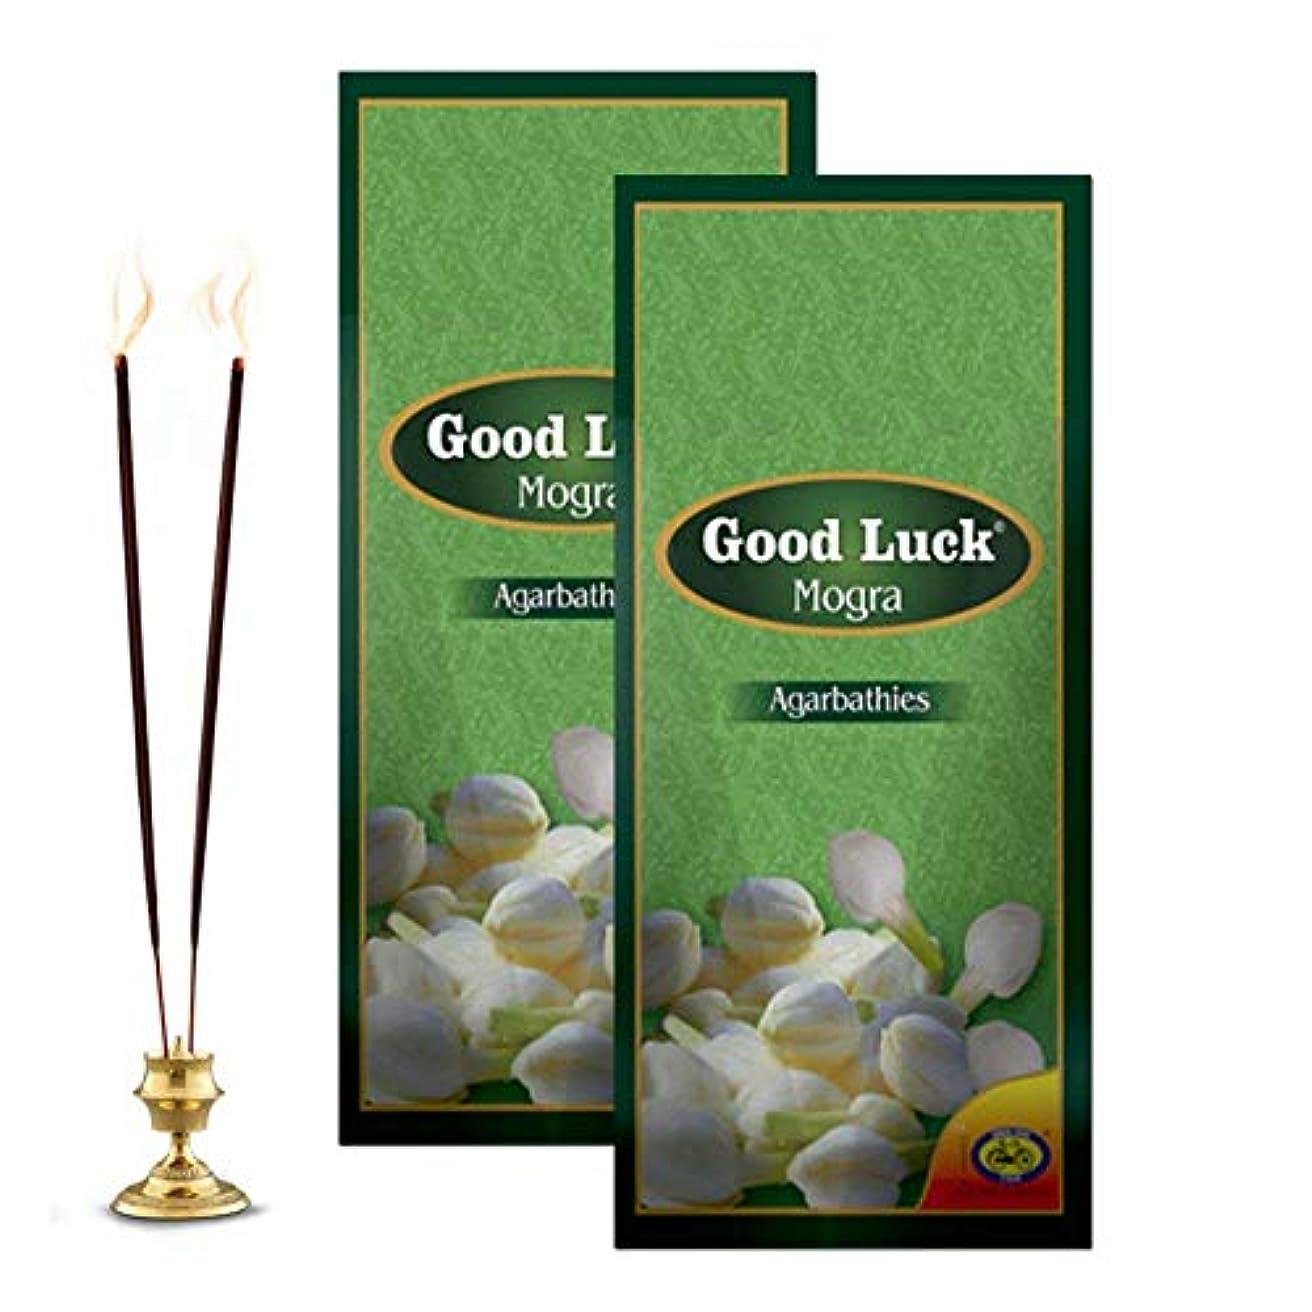 フェザー利用可能ブローホールCycle Pure Good Luck Mogra Incense Sticks - Pack of 2